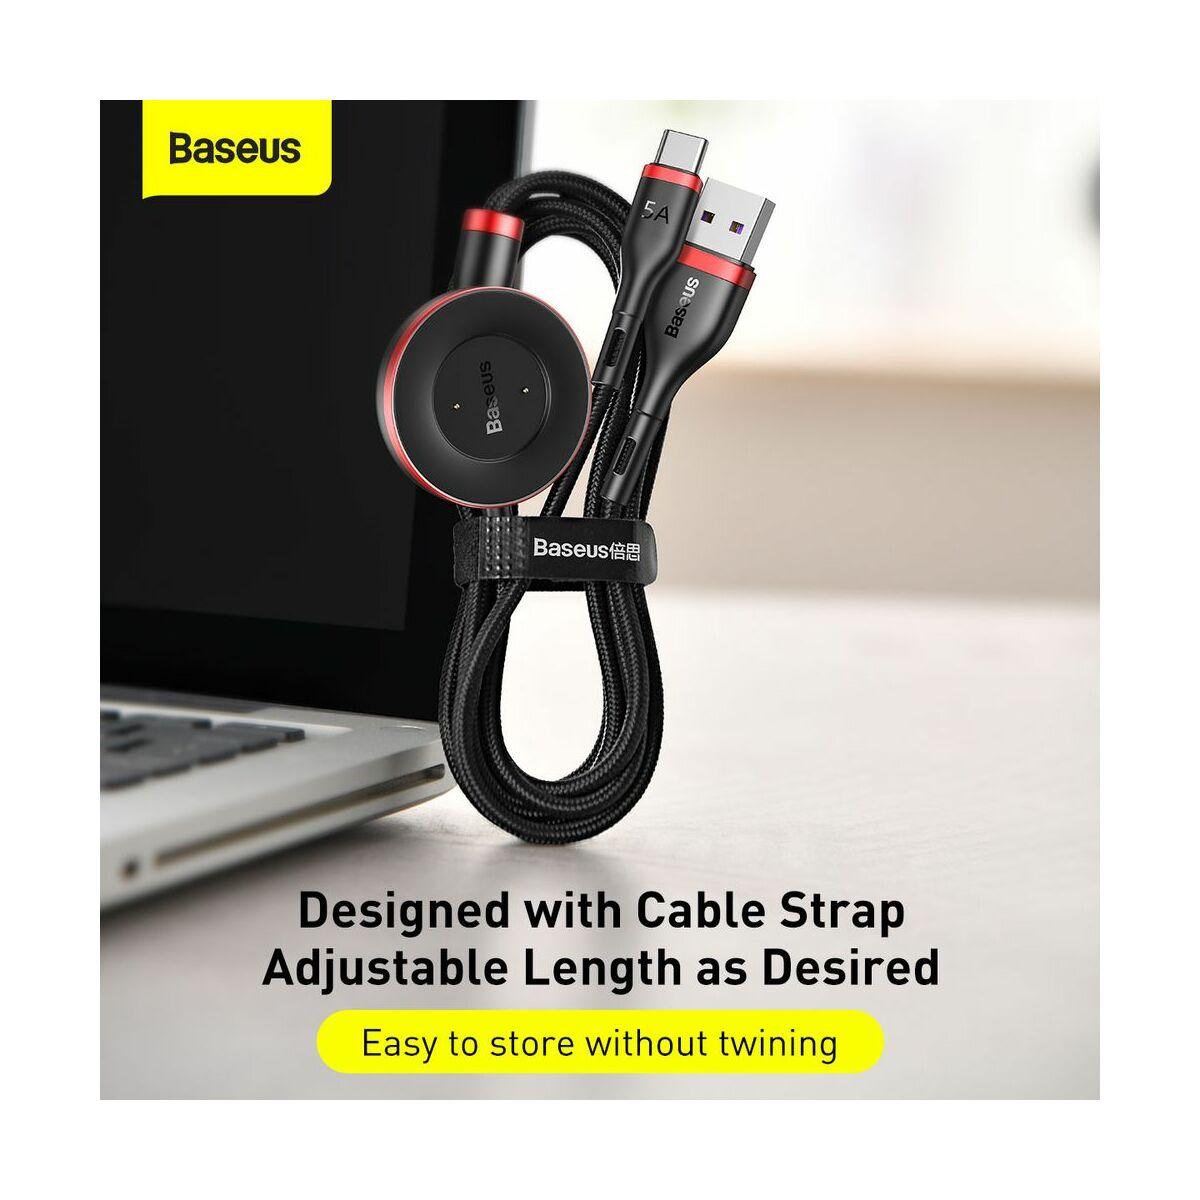 Baseus Univerzális kábel, Cafule Series 2-in-1 Type-C + okosóra töltő dokkoló, 5A, 1.5m, fekete/piros (CA1T2-91)